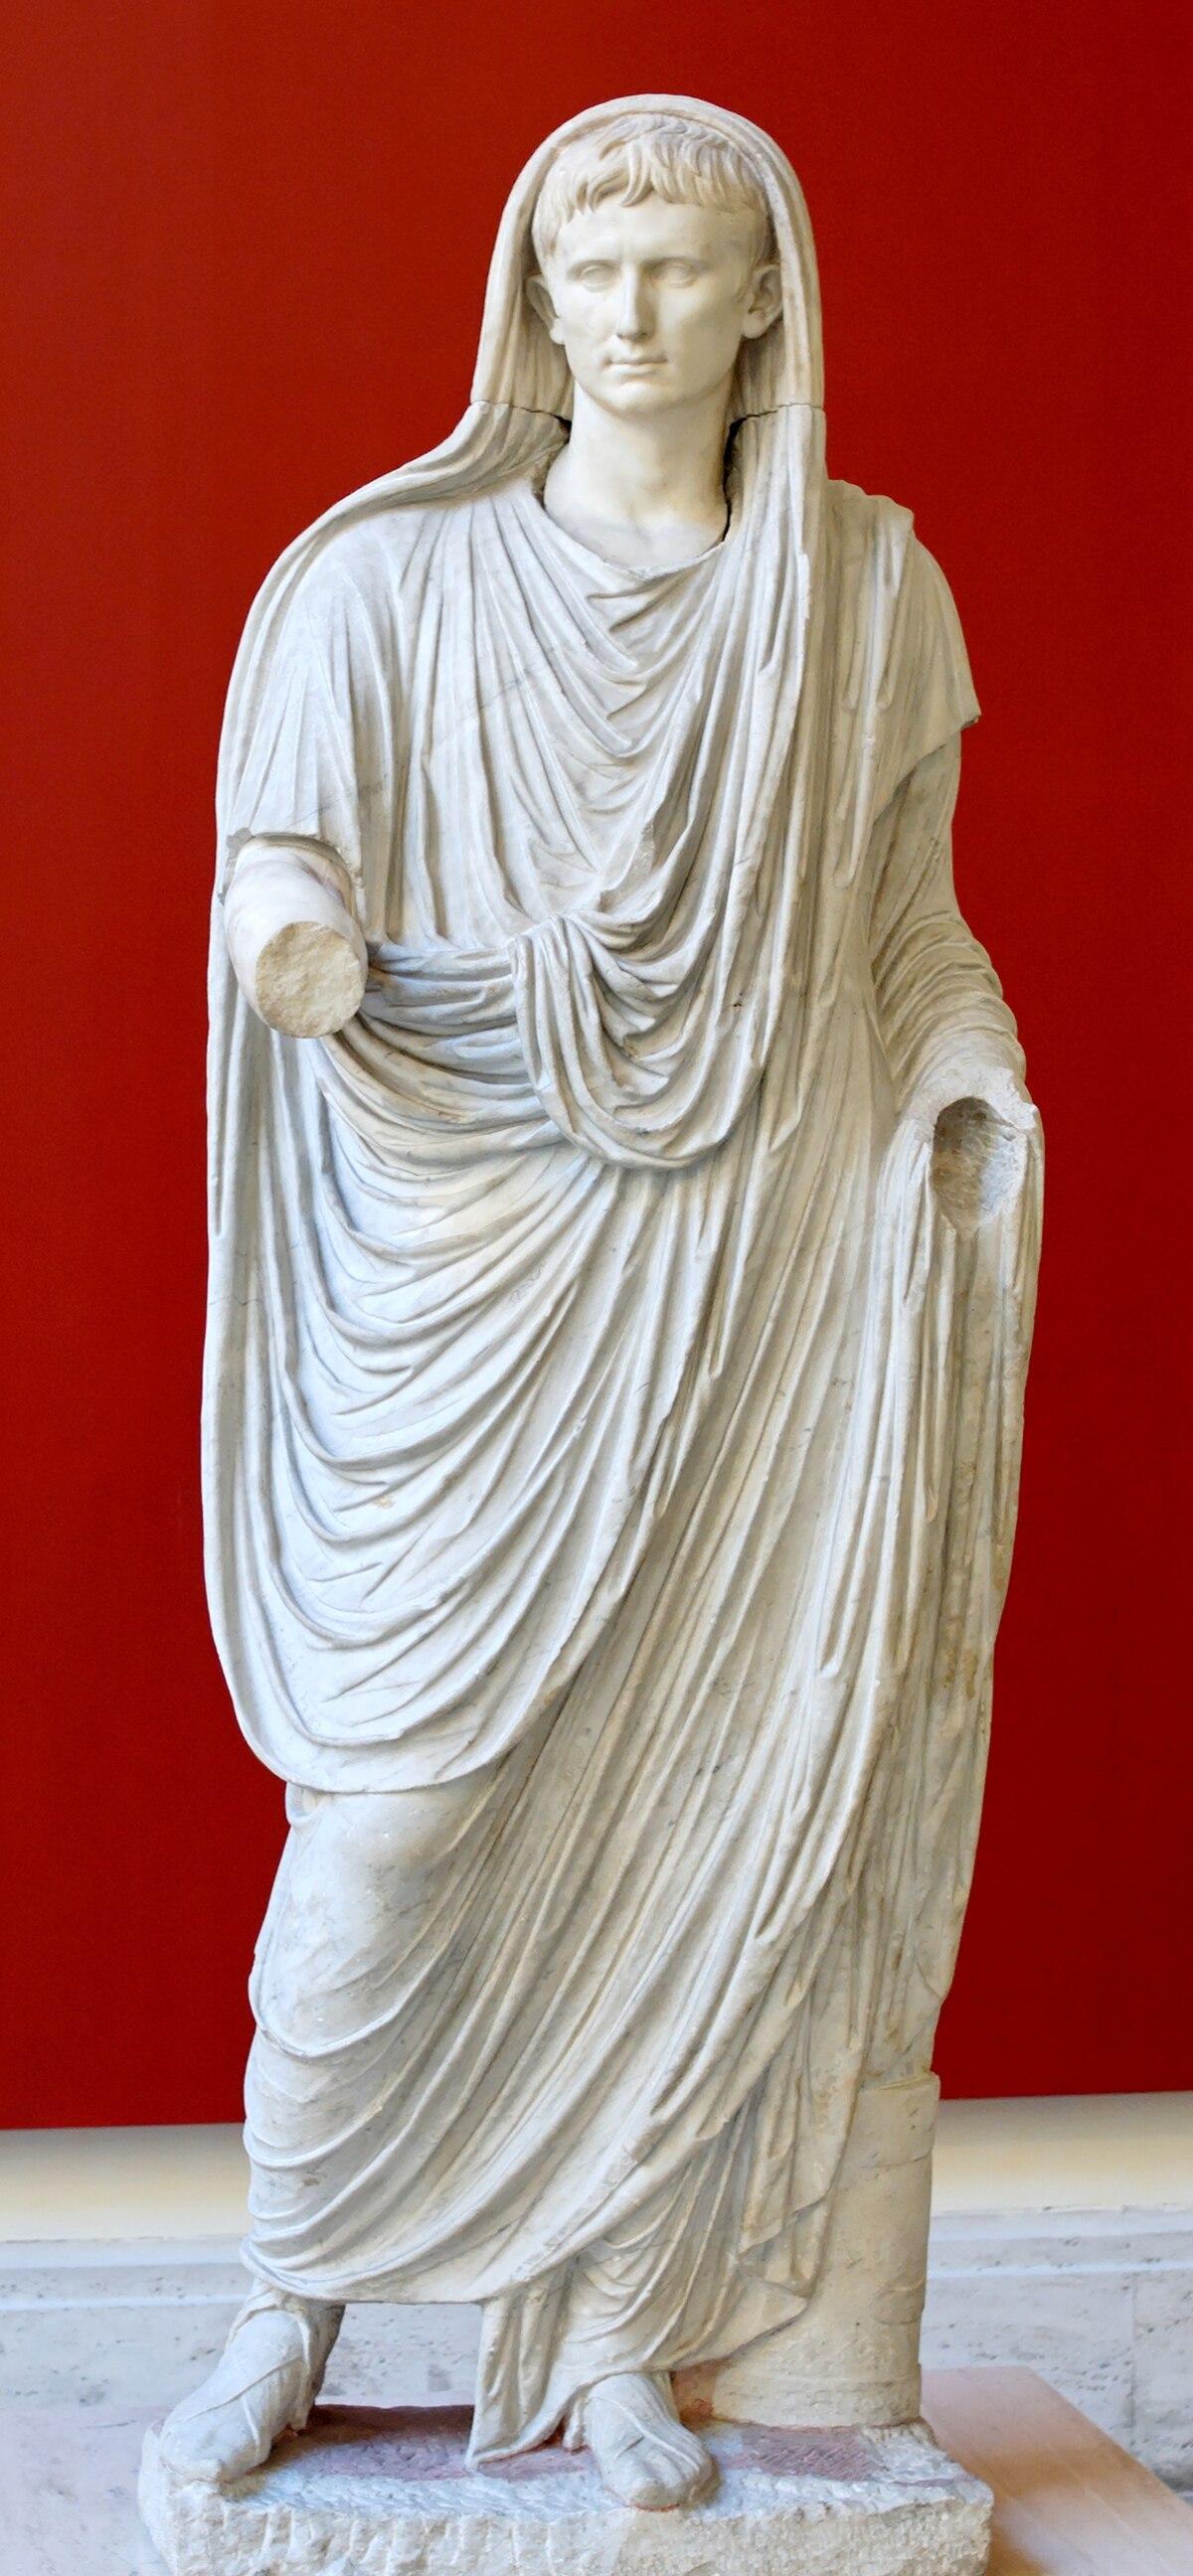 Pontifex maximus wikipedia for Que significa contemporaneo wikipedia